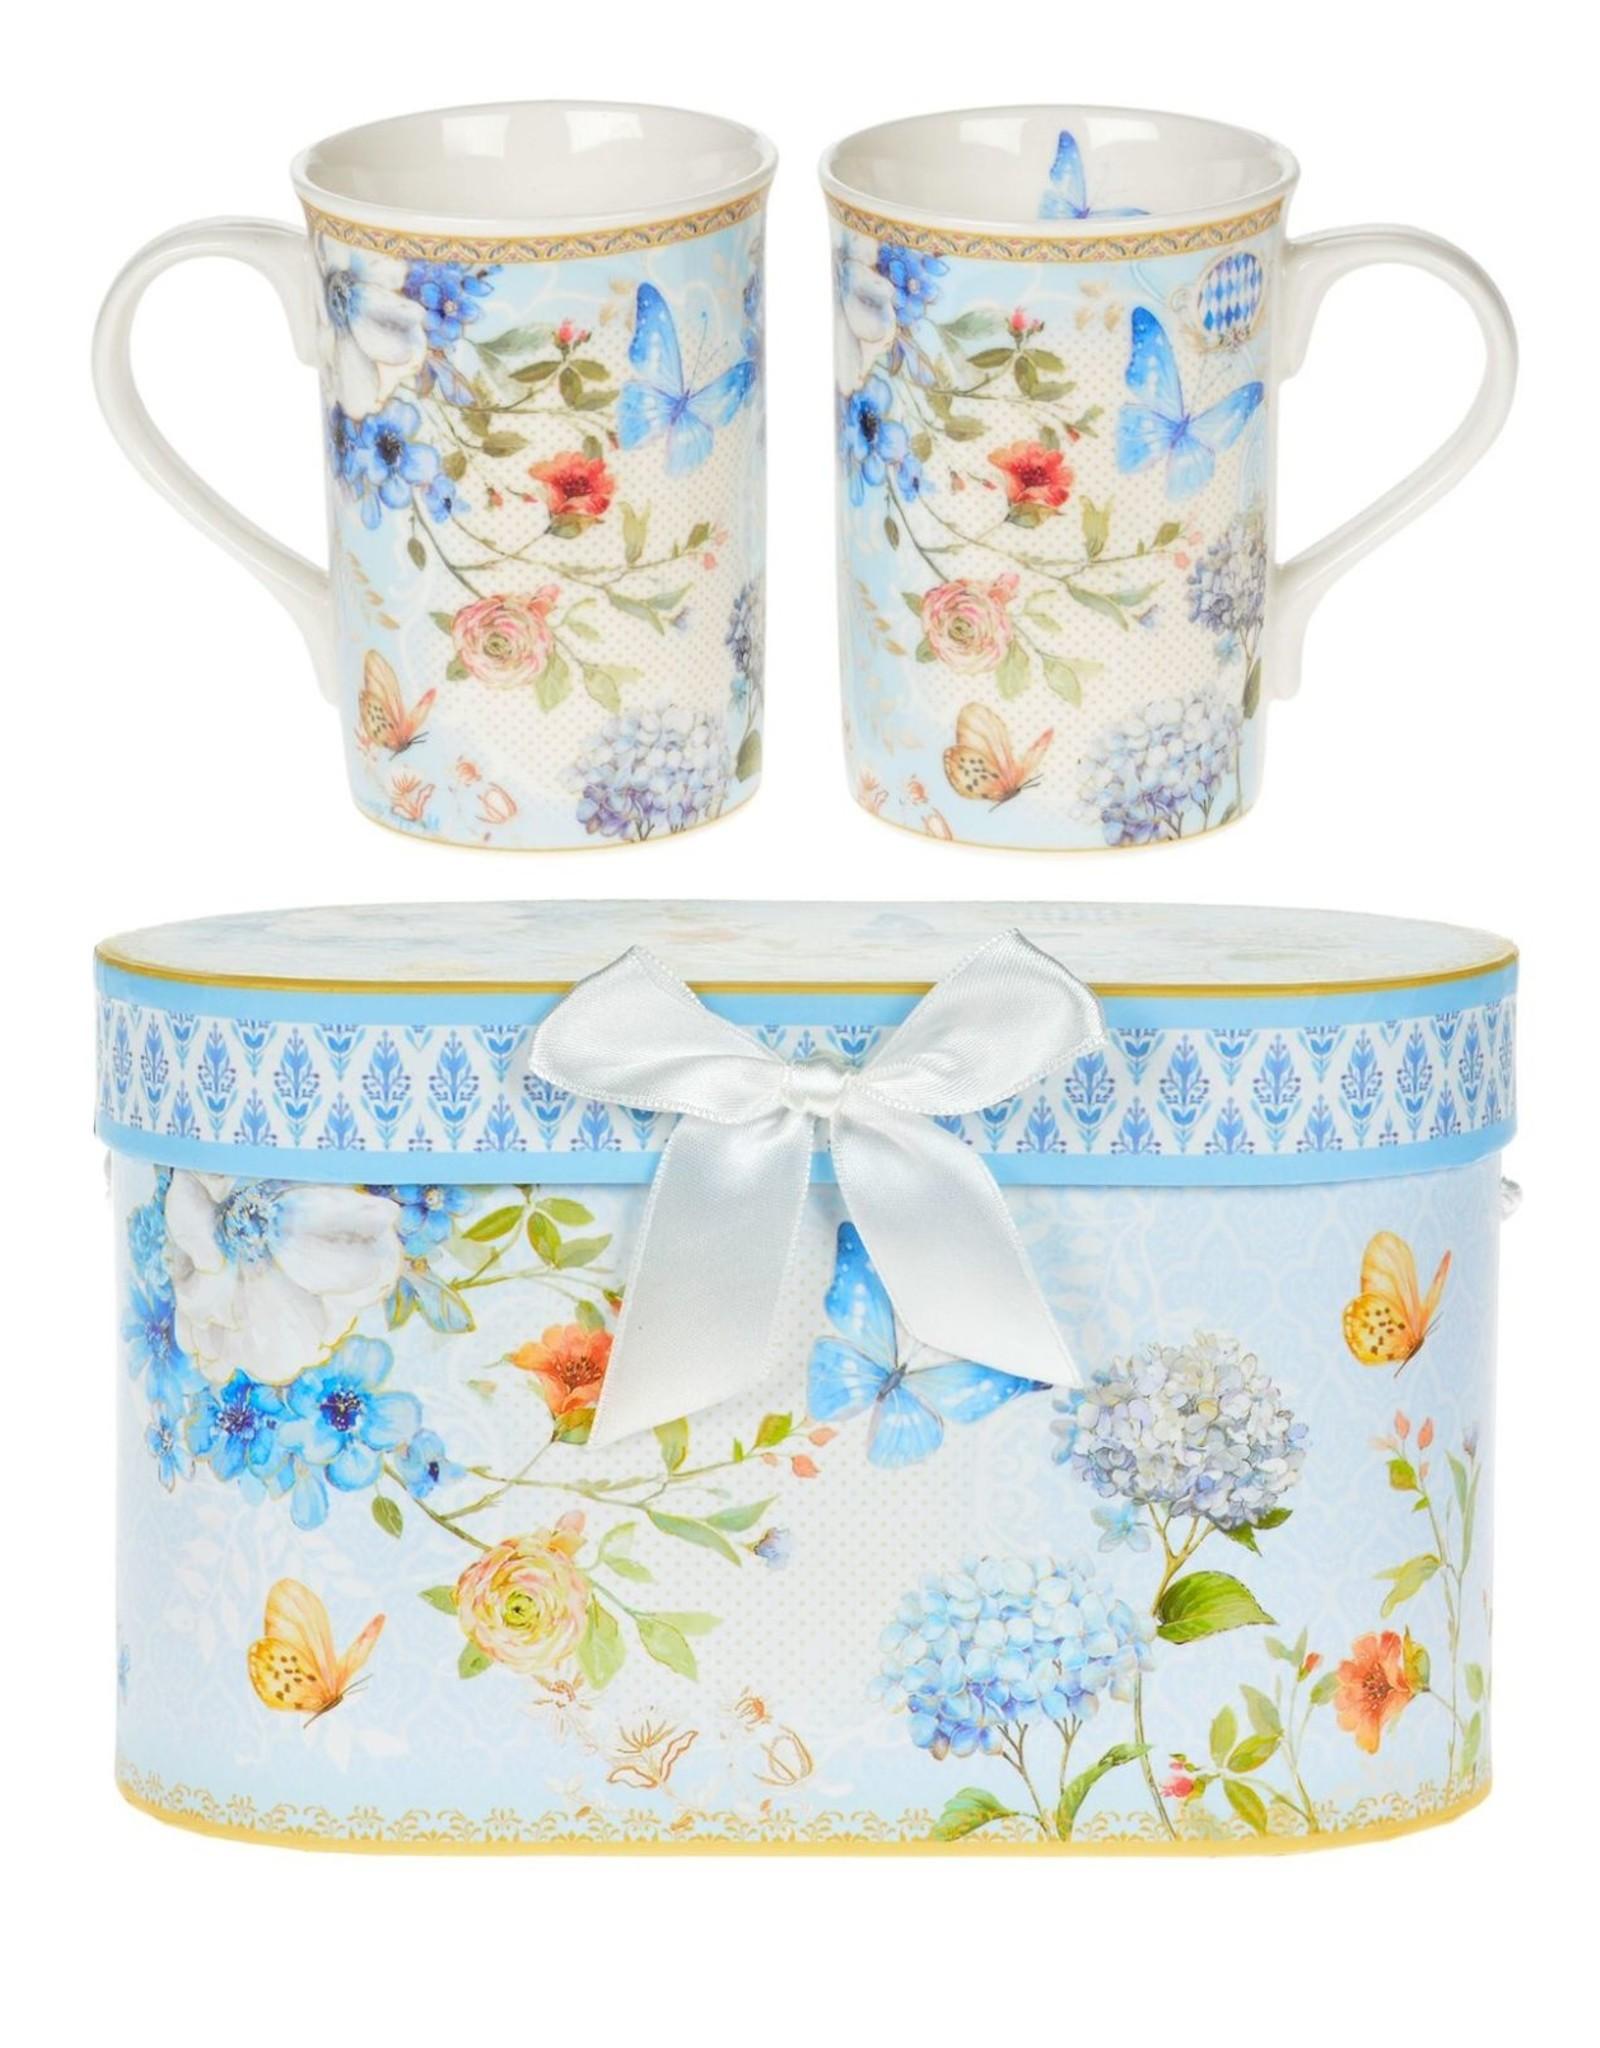 Butterfly China Mugs Set of 2